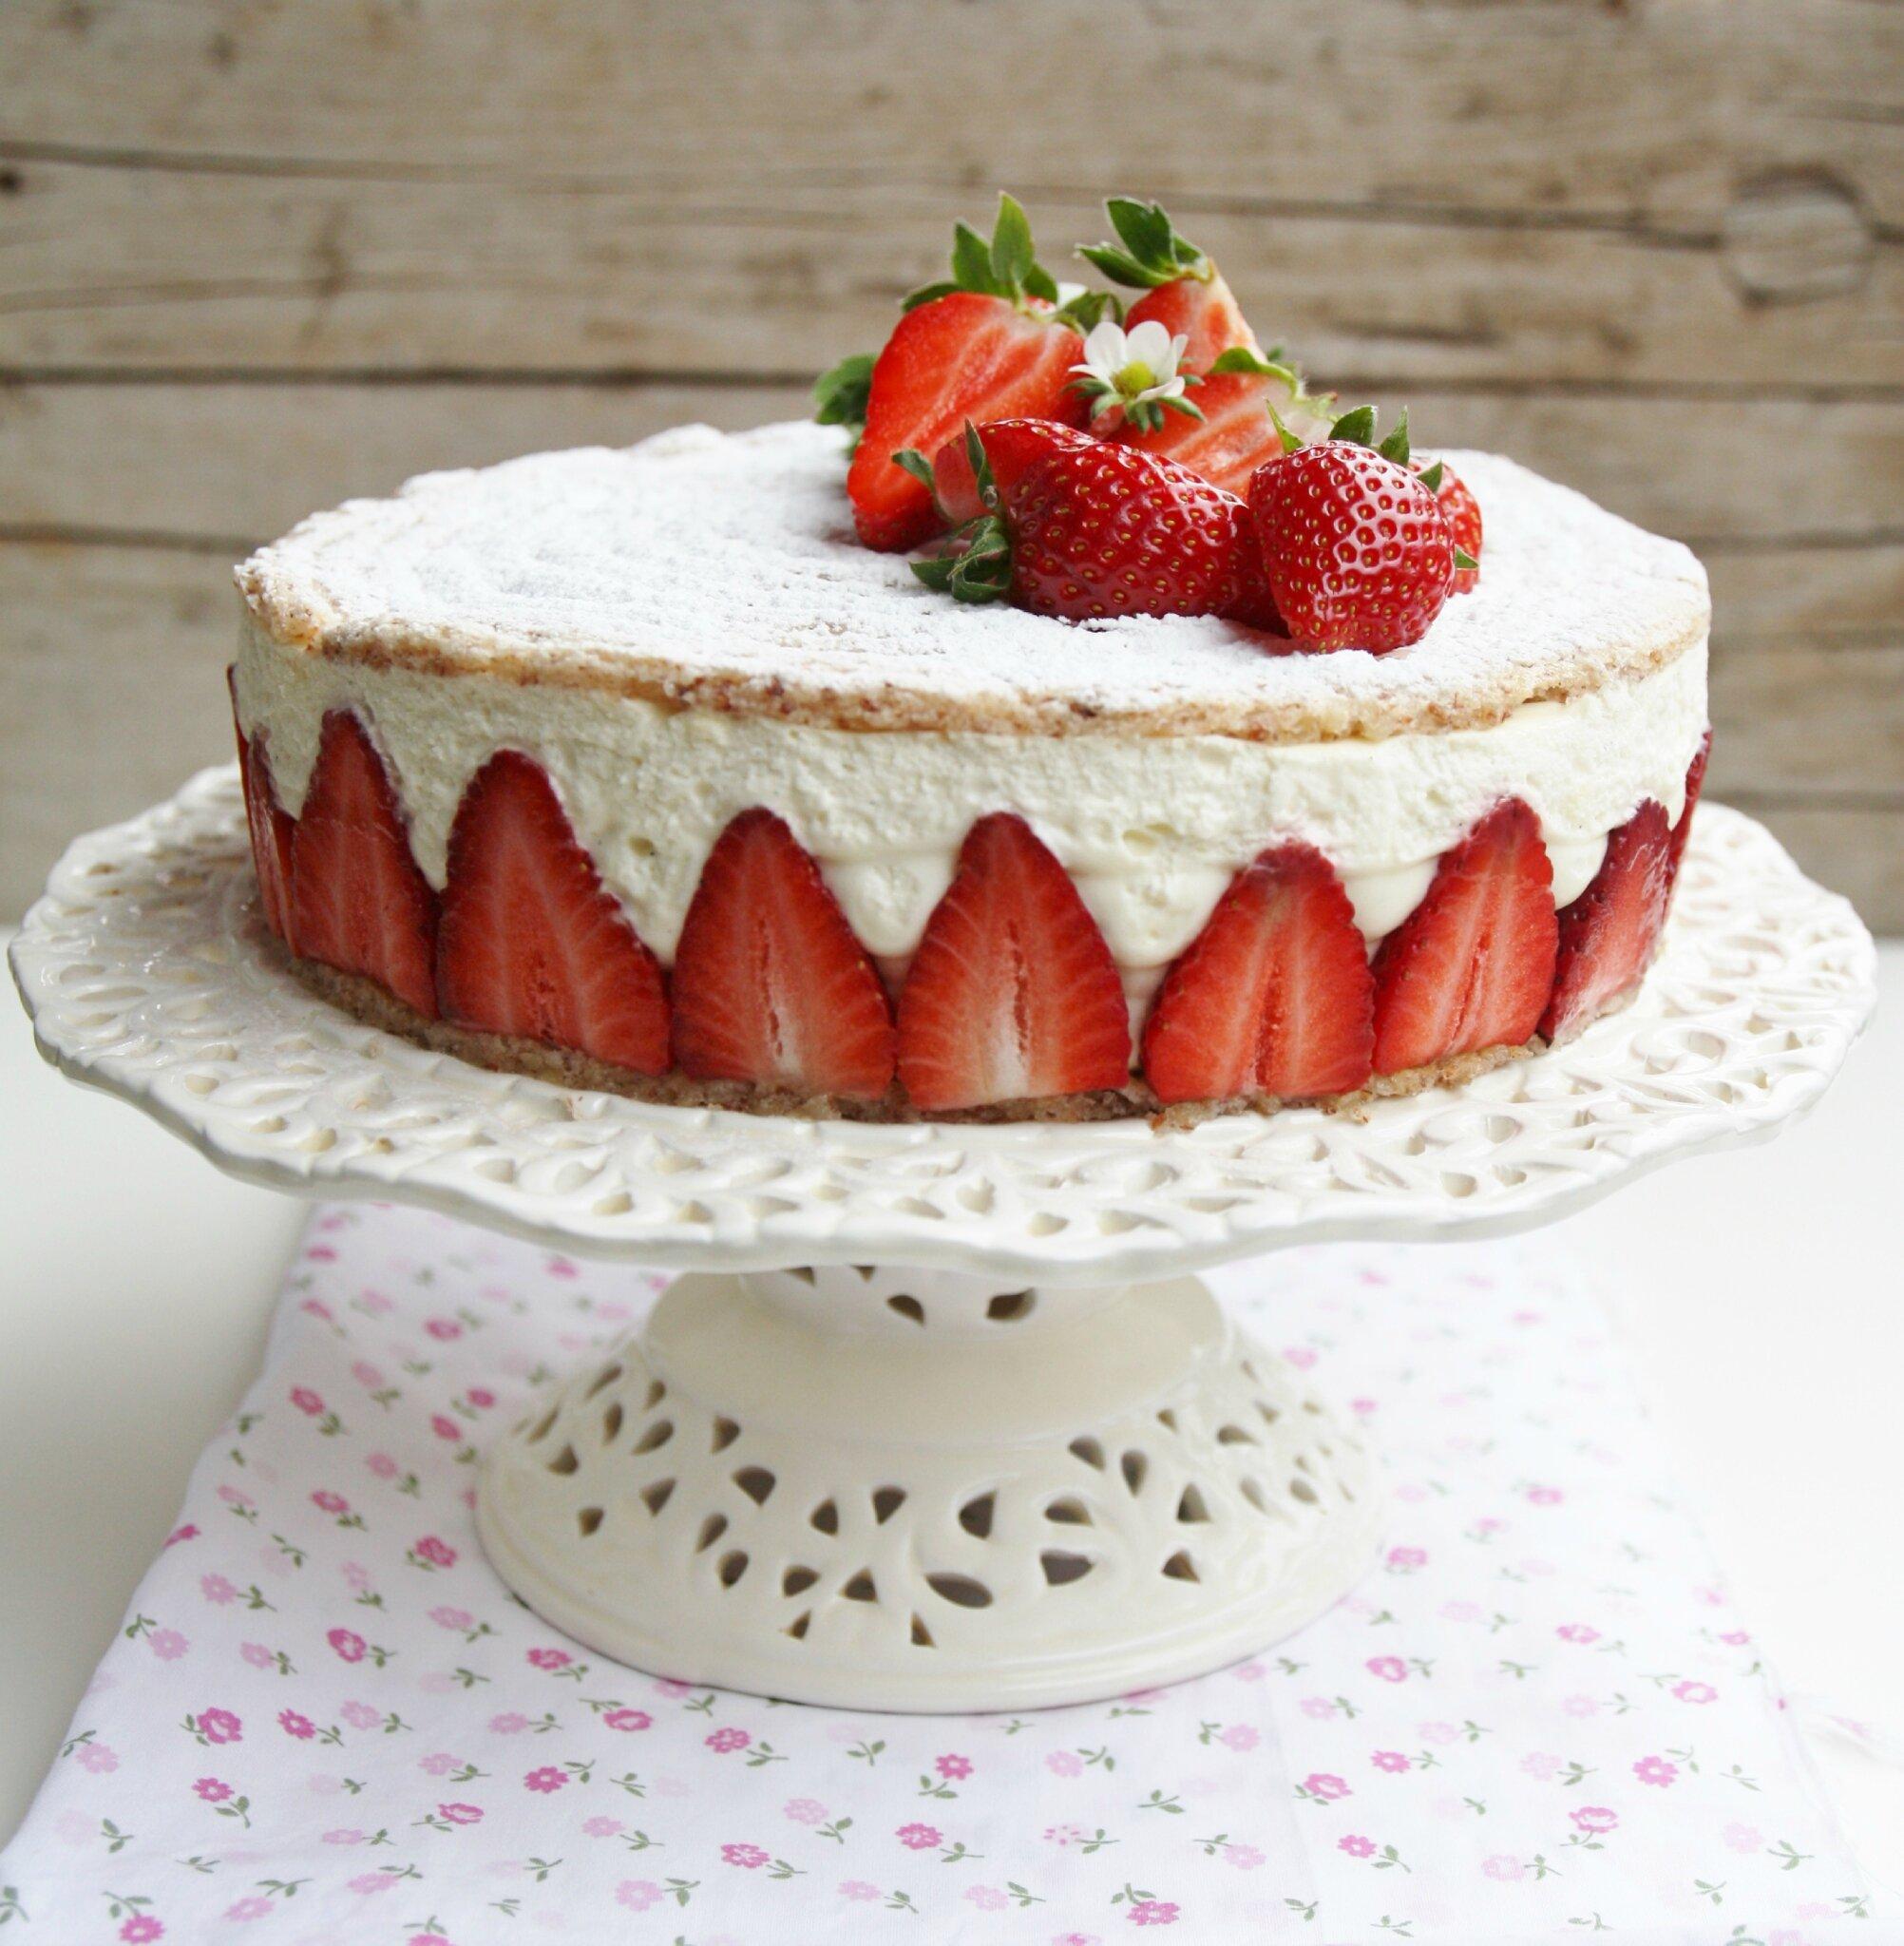 biscuit succ s aux amandes cr me vanille mascarpone et fraises that 39 s amore. Black Bedroom Furniture Sets. Home Design Ideas